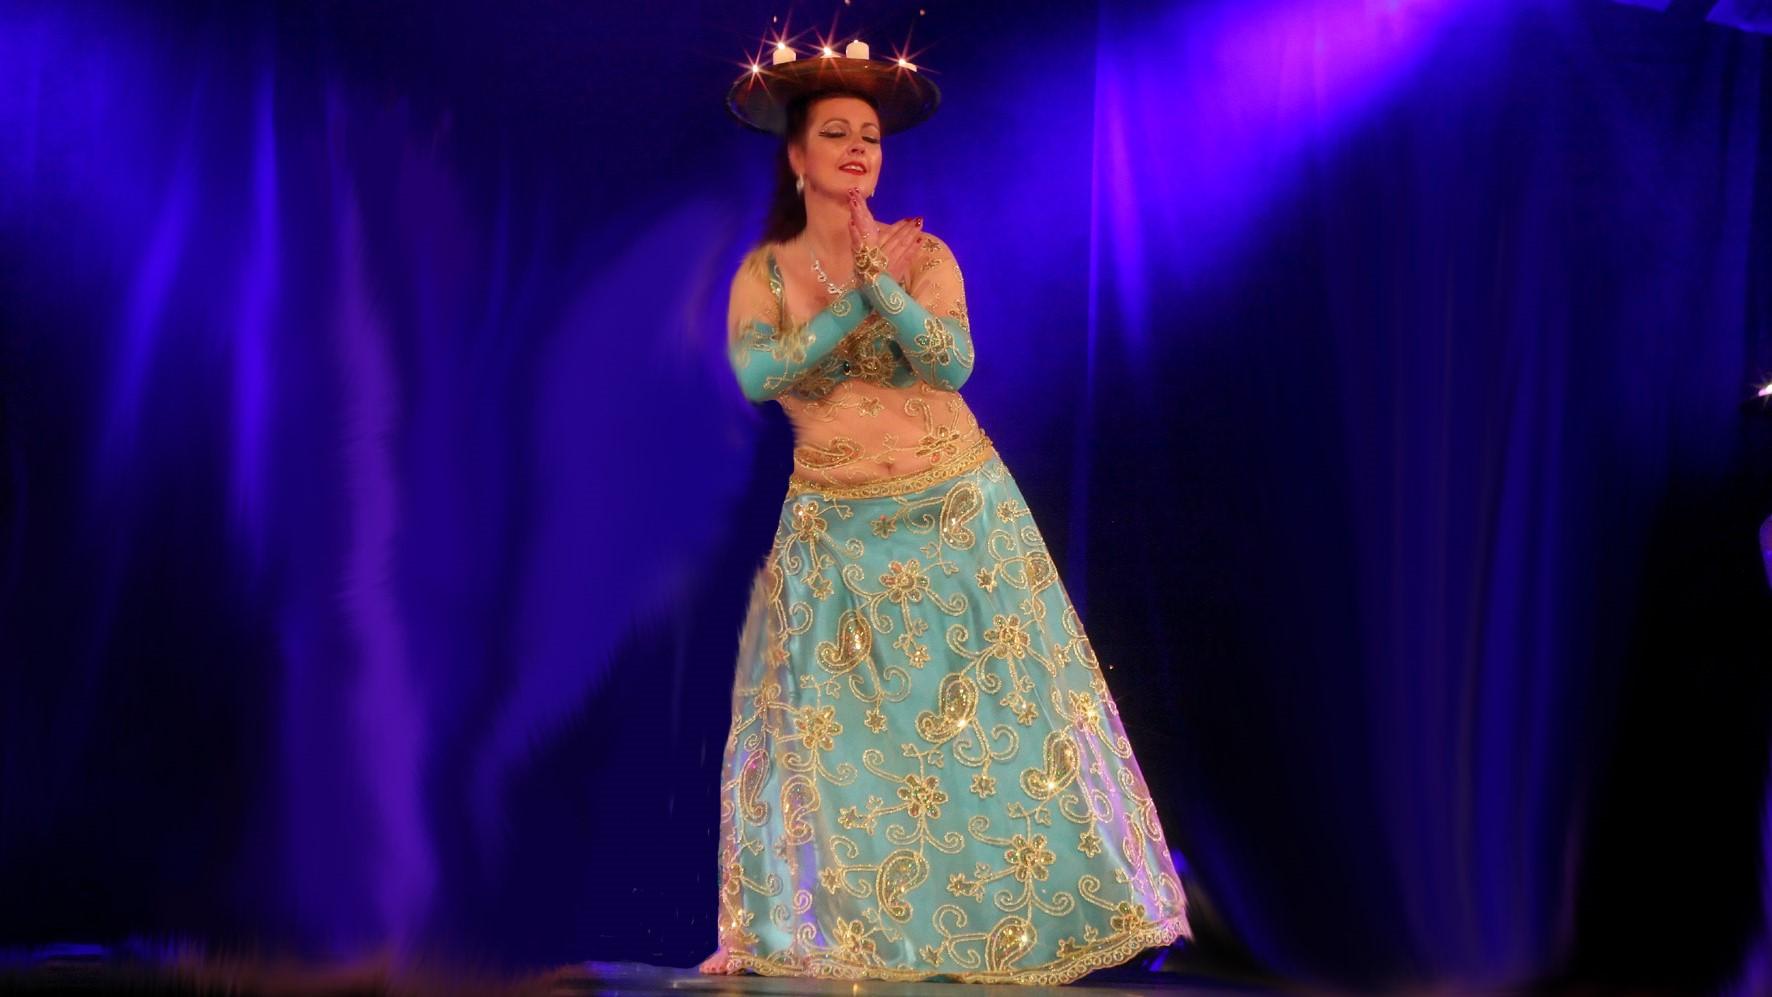 Bellydance Dance oriental Raqs Sharqi Bauchtanz Orientalischer Tanz